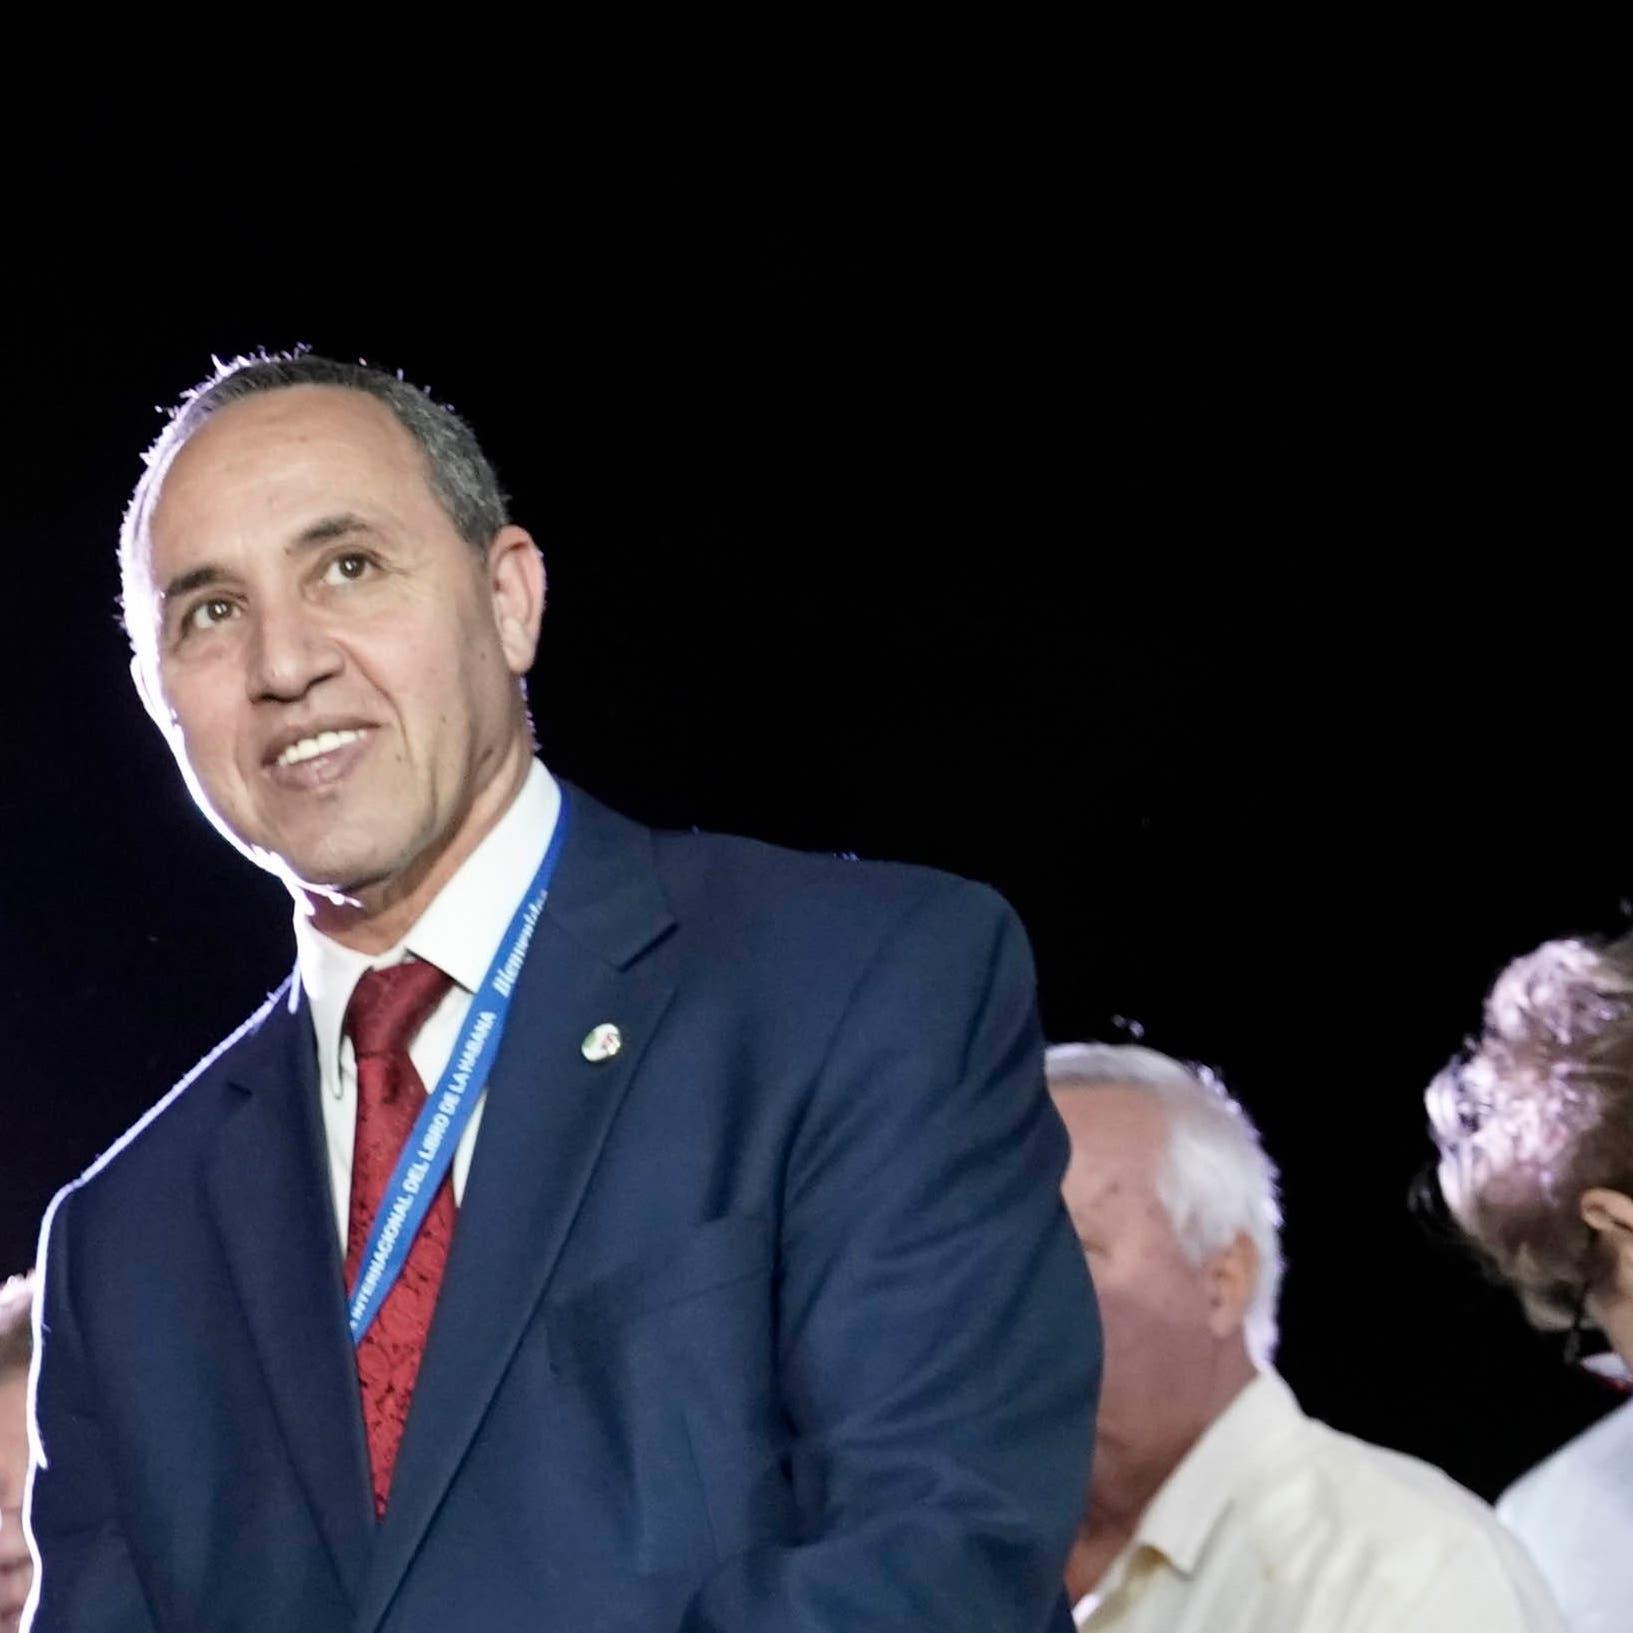 أبرز مرشحي رئاسة الجزائر: لست محسوباً على بوتفليقة